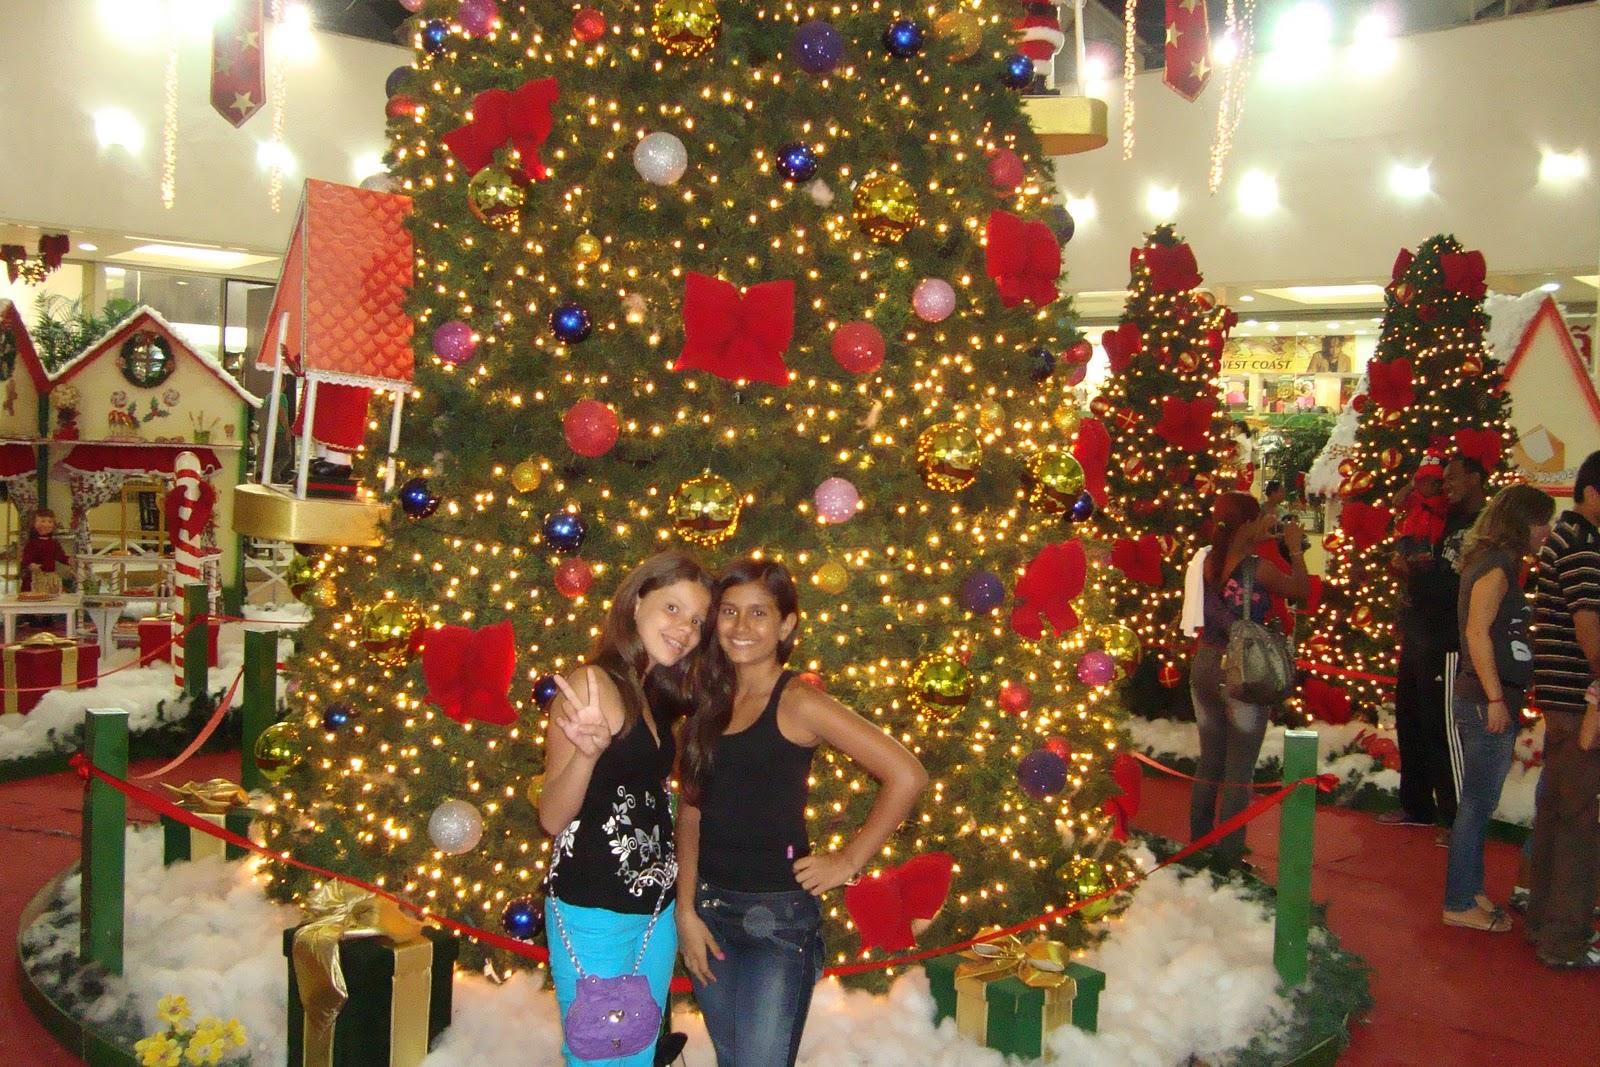 http://1.bp.blogspot.com/_EZoHVO-KbiA/TRoEOCJsezI/AAAAAAAAACA/N9jyKO8Lv98/s1600/shopping+001.jpg